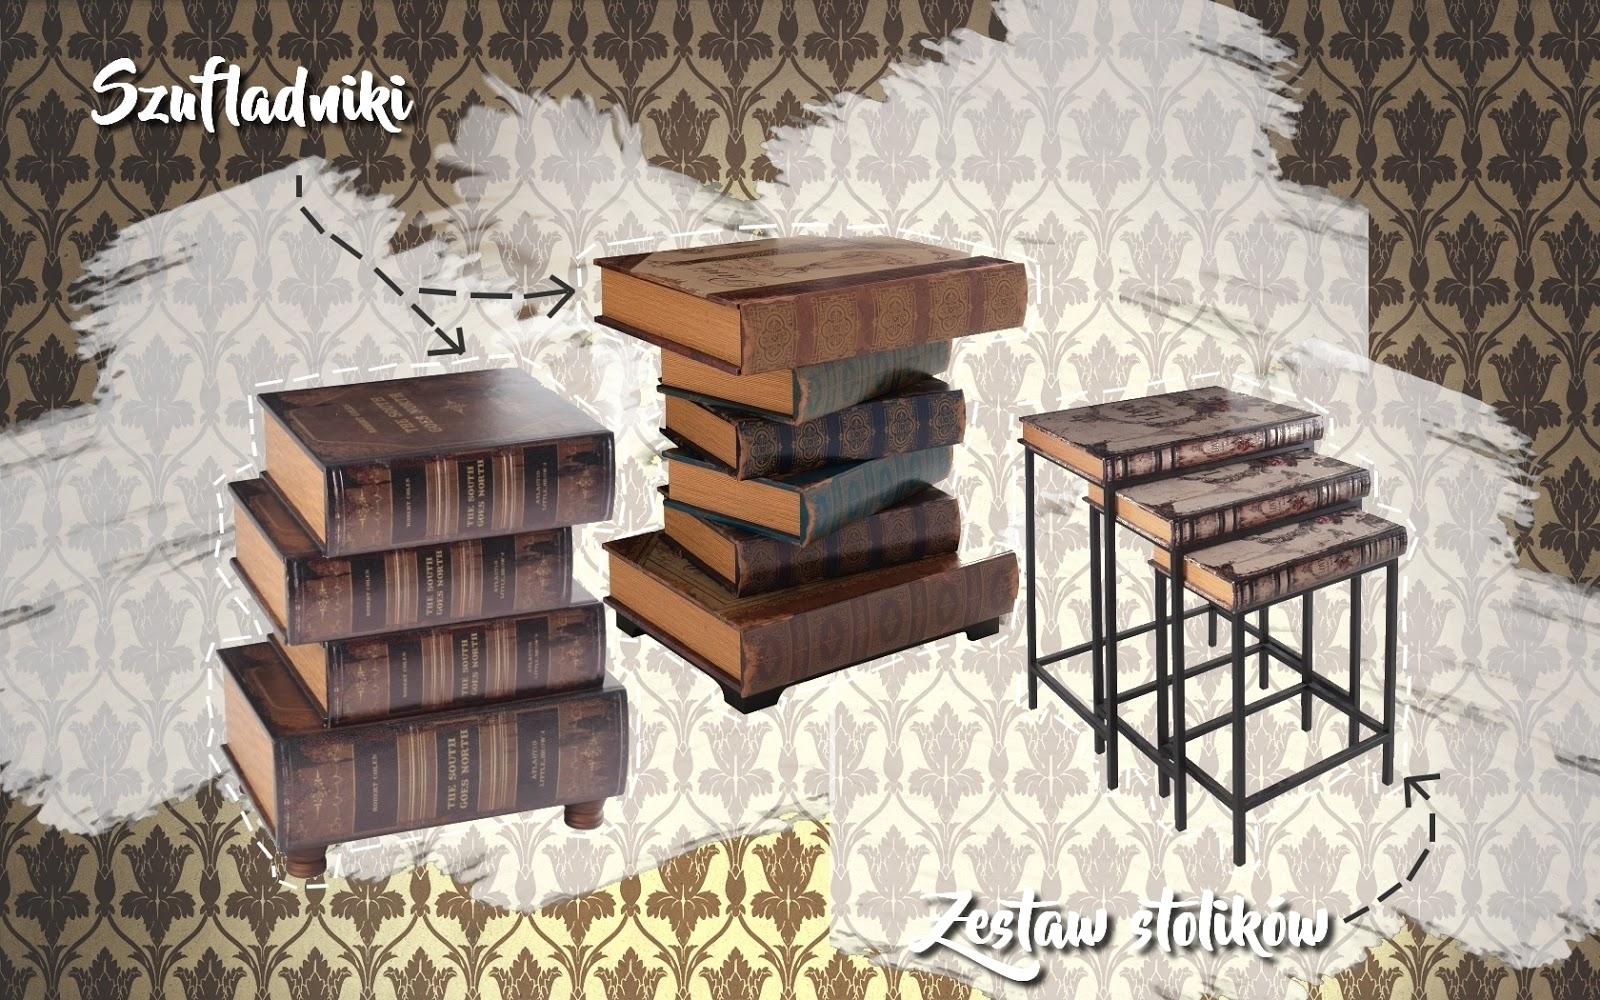 1 mieszkanie w stylu sherlocka holmesa westwing melodylaniella stylowe szufladniki ksiązki ciekawe dodatki do domu salonu